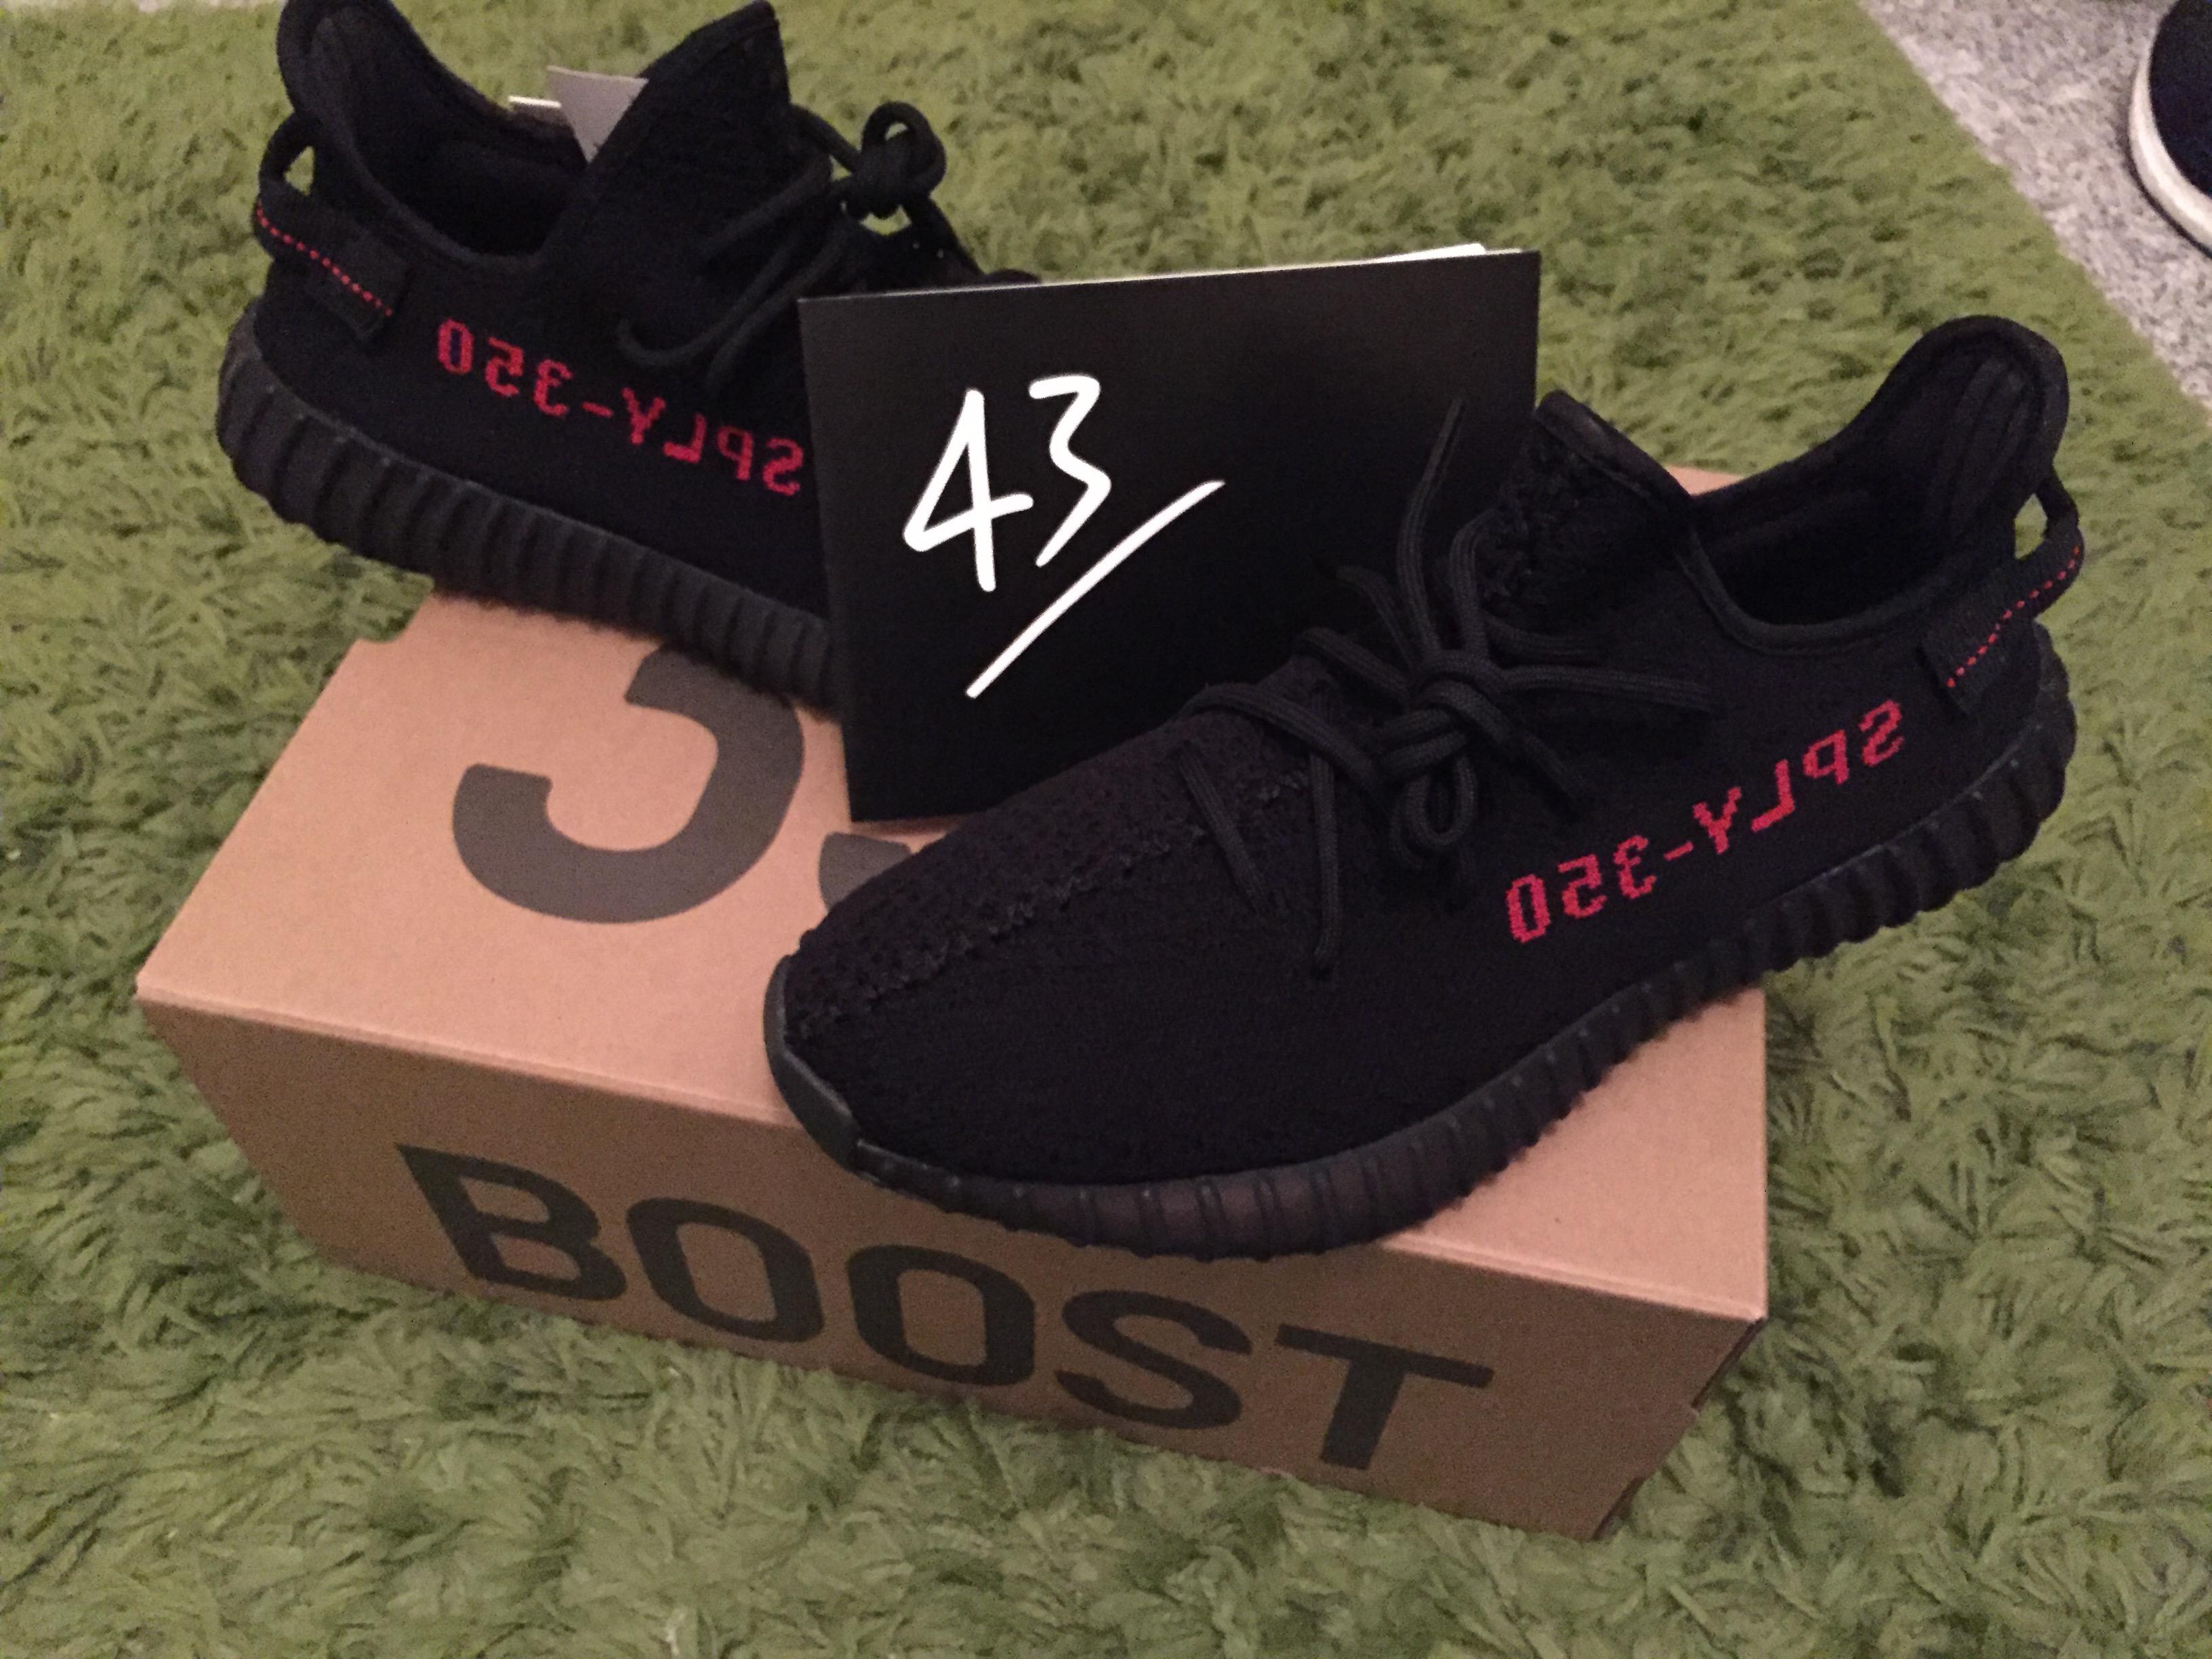 Investieren in Sneaker, Sneakerinvestment, Adidas Yeezy Boost kaufen, Yeezy 350